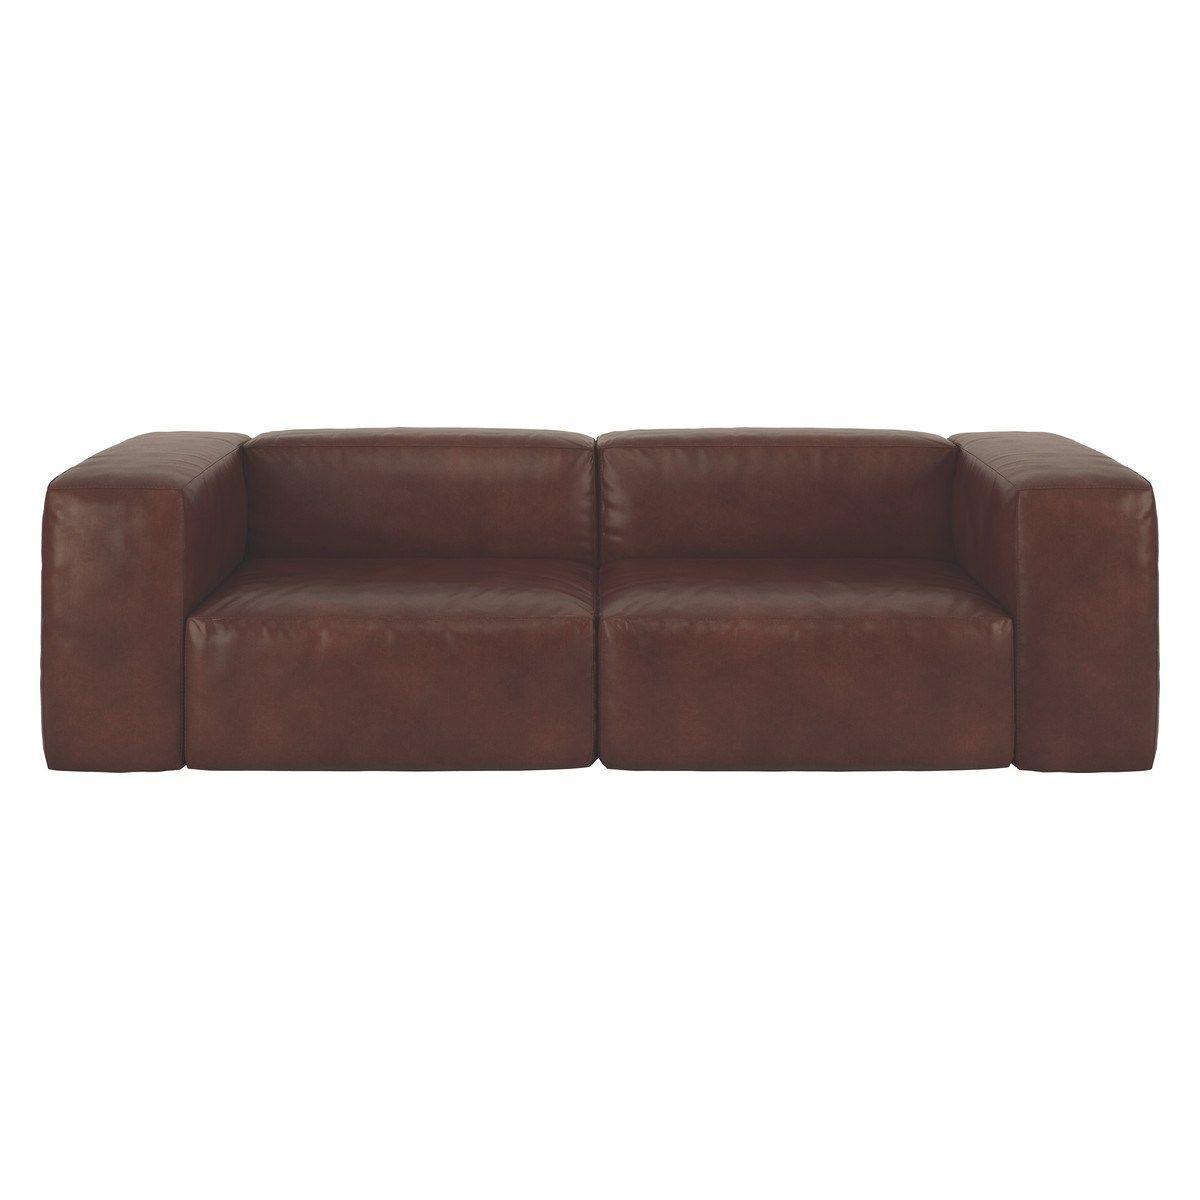 The Luxurious Opollo Tan Leather 4 Seater Sofa Is Part Of The Versatile Opollo Modular Range Which Allows You To Cu Tan Leather Sofas Leather Sofa Seater Sofa